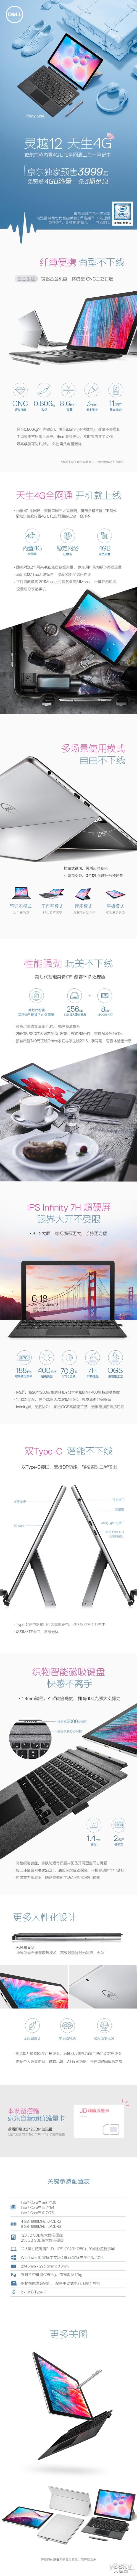 天生4G全网通,戴尔首款内置4G LTE灵越12 5280二合一笔记本上市